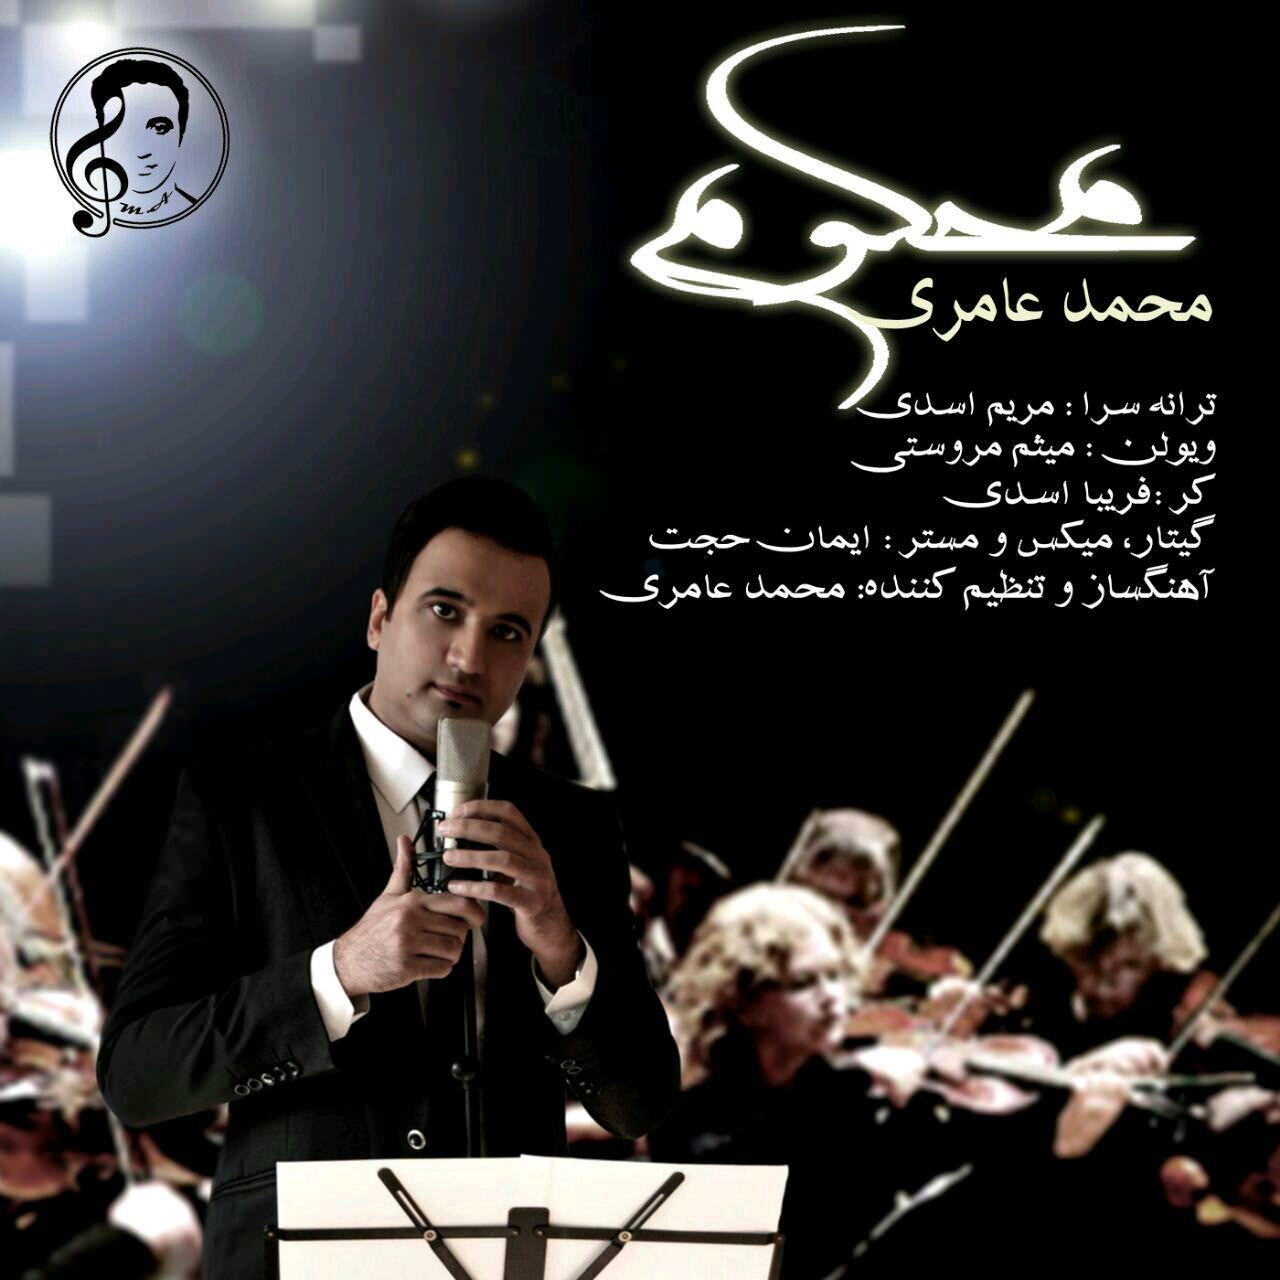 دانلود آهنگ جدید محمد عامری به نام محکوم